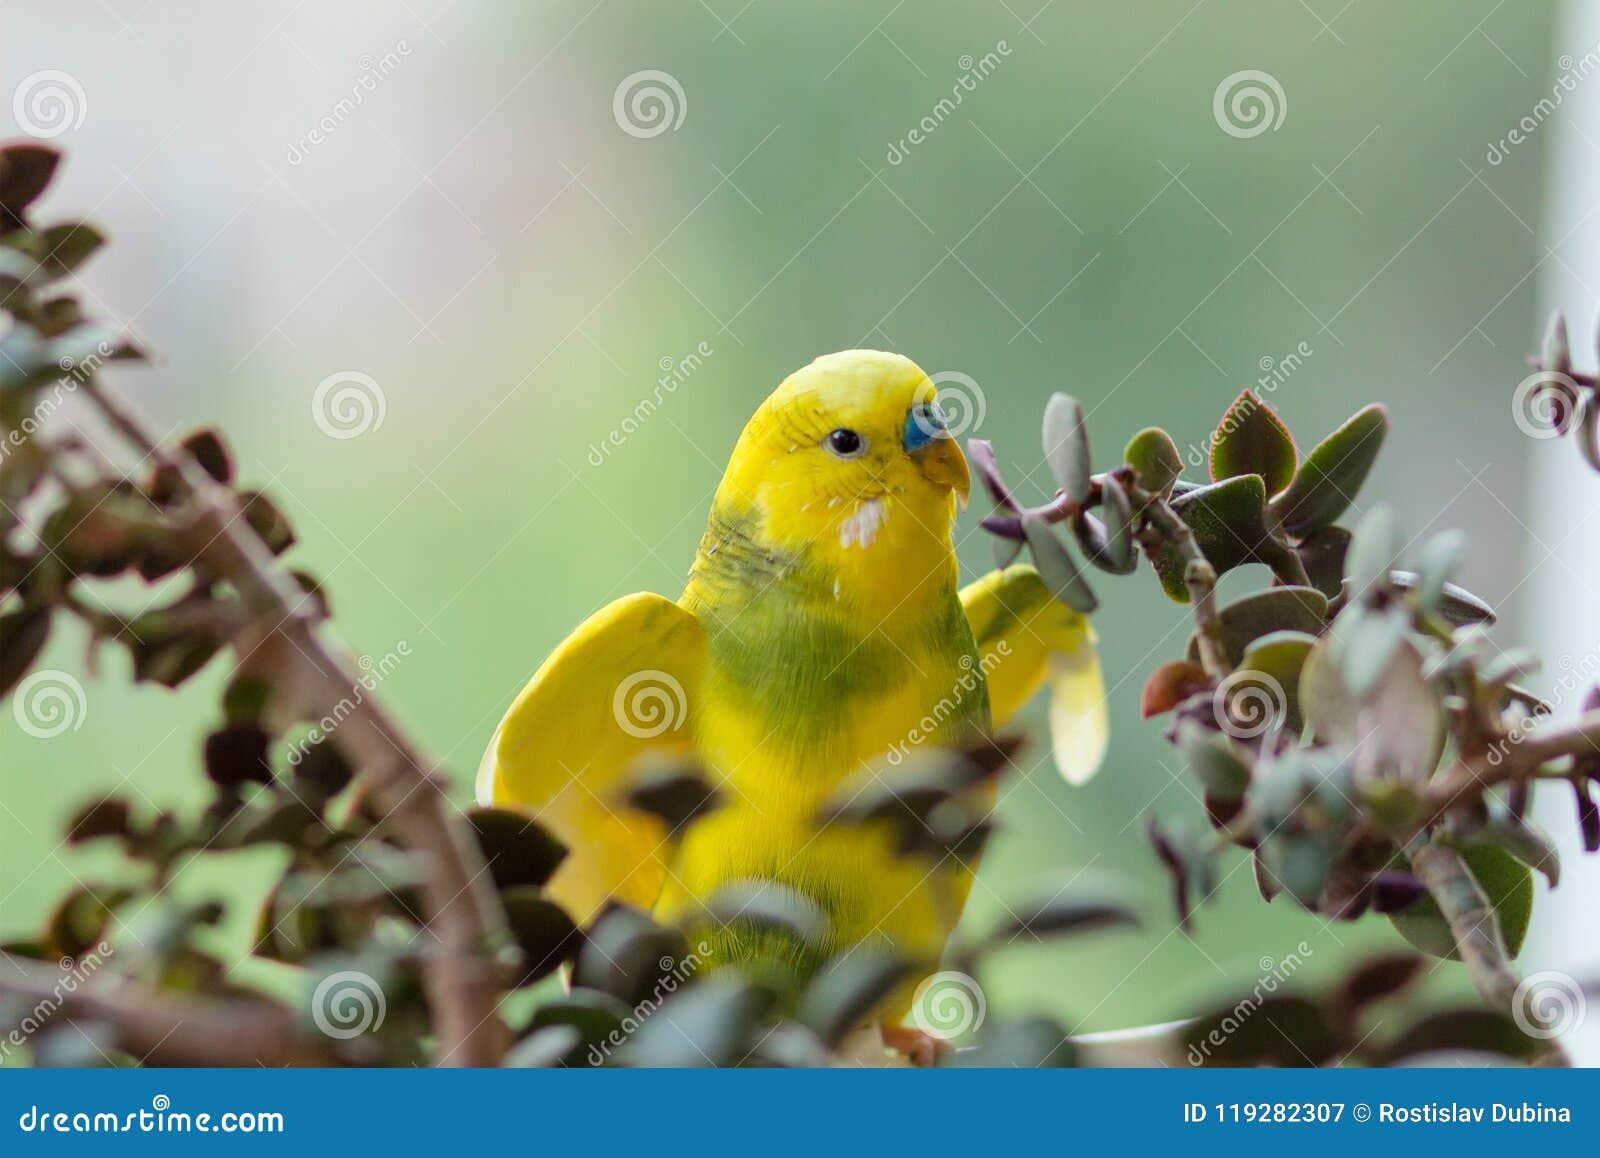 La perruche se repose sur une branche Le perroquet est brillamment de couleur citron Le perroquet d oiseau est un animal familier